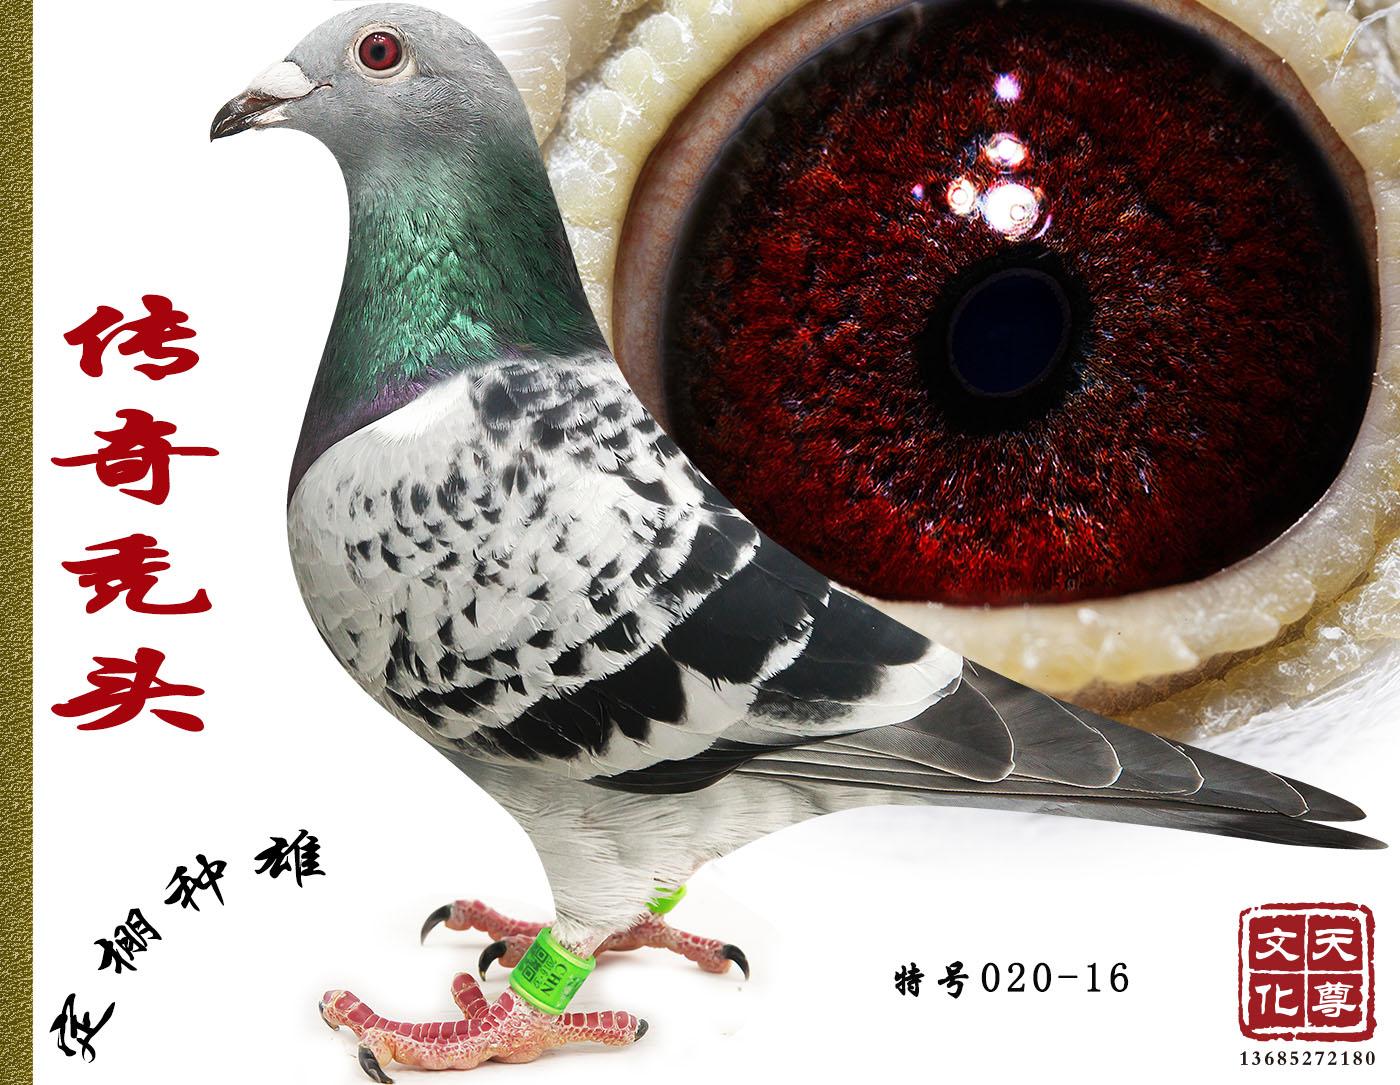 该鸽的眼睛结构非常高级,一旦拥有100%会有好成绩………………给有缘